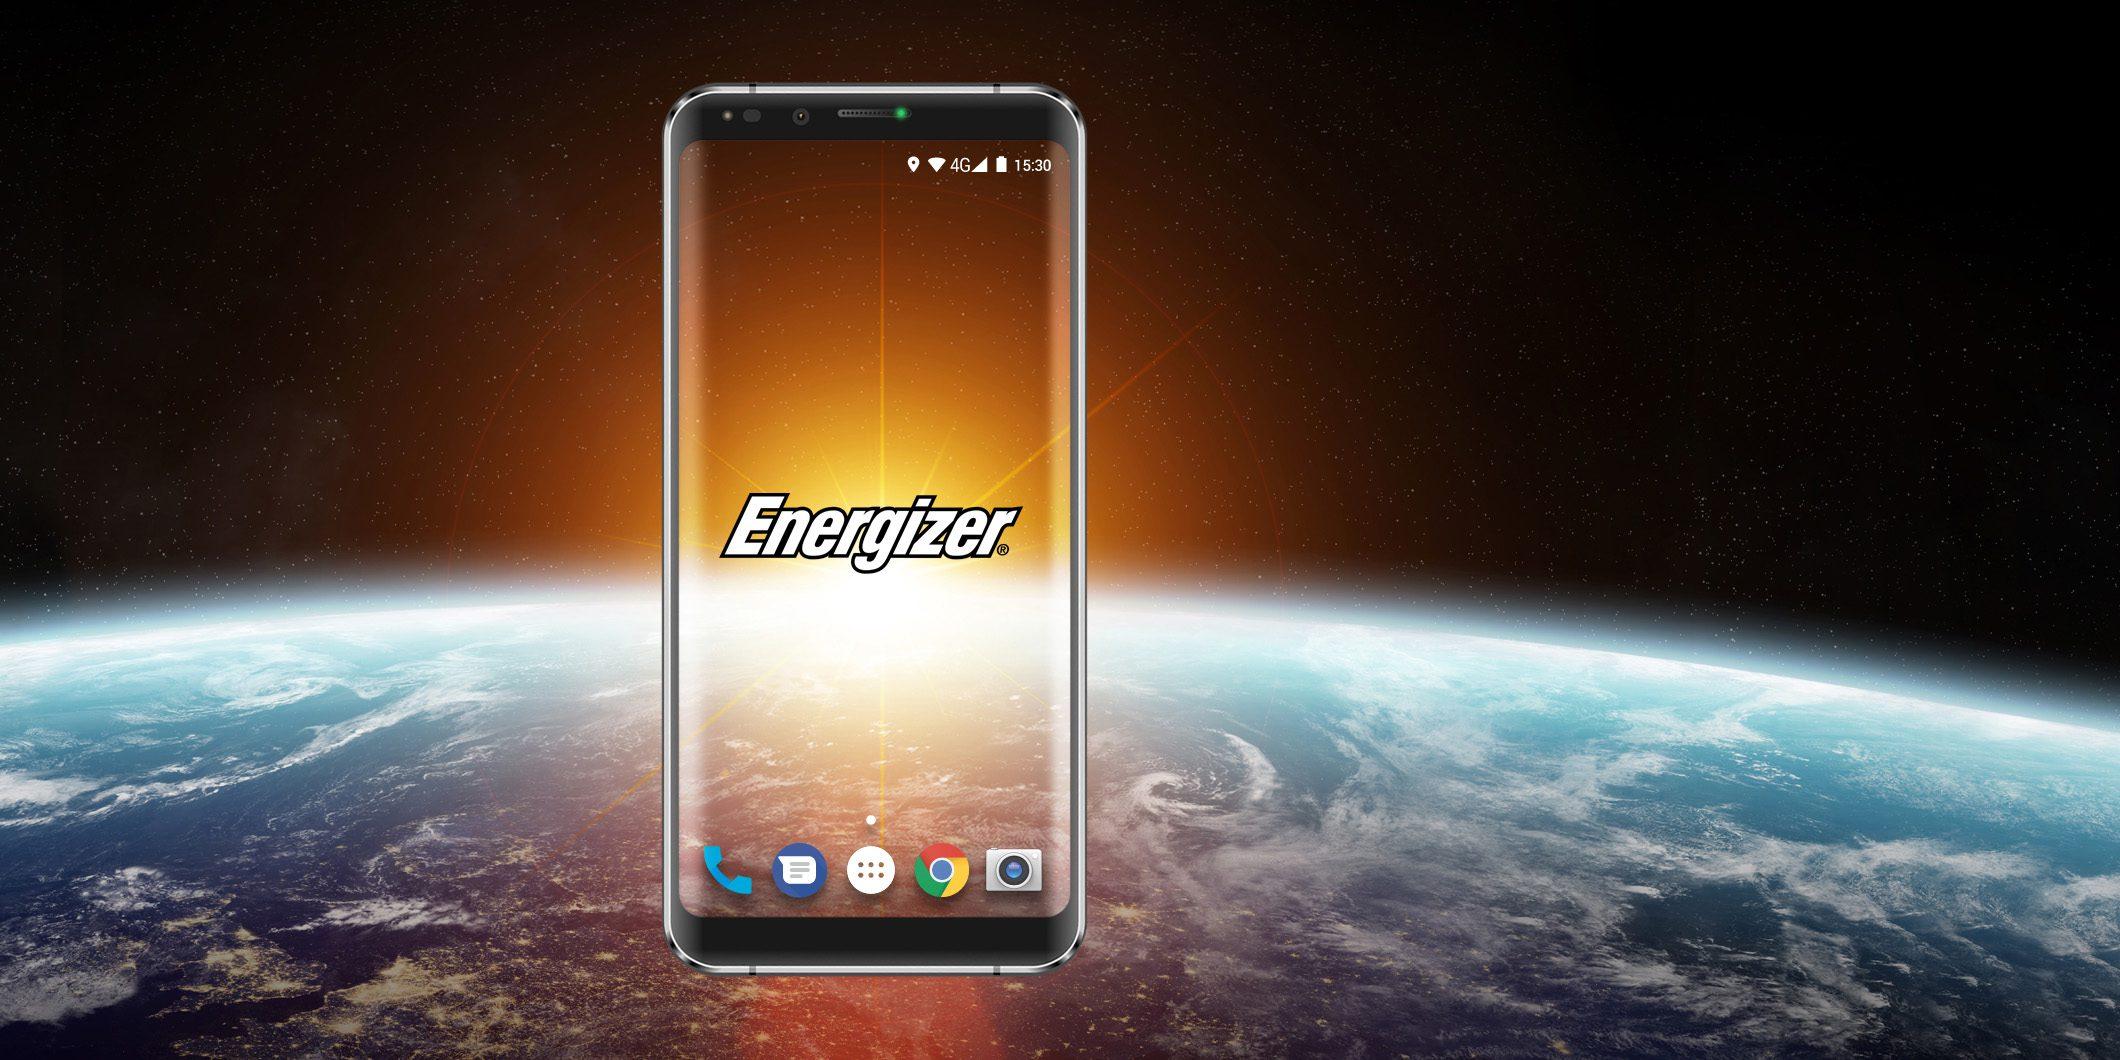 Energizer lanzará un smartphone muy parecido al LG V30 con batería de 4.500 mAh